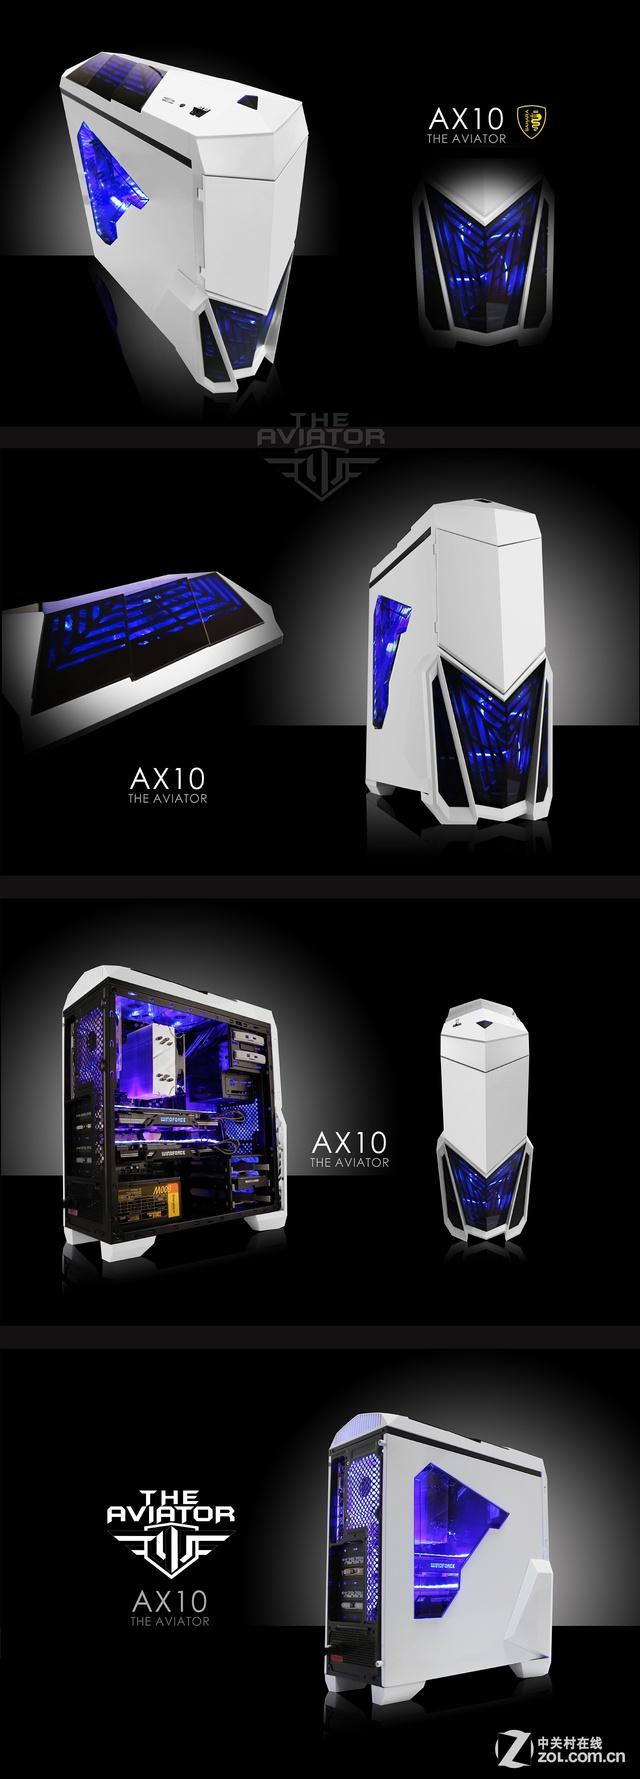 新品游戏箱上市 撒哈拉飞行者AX10白色